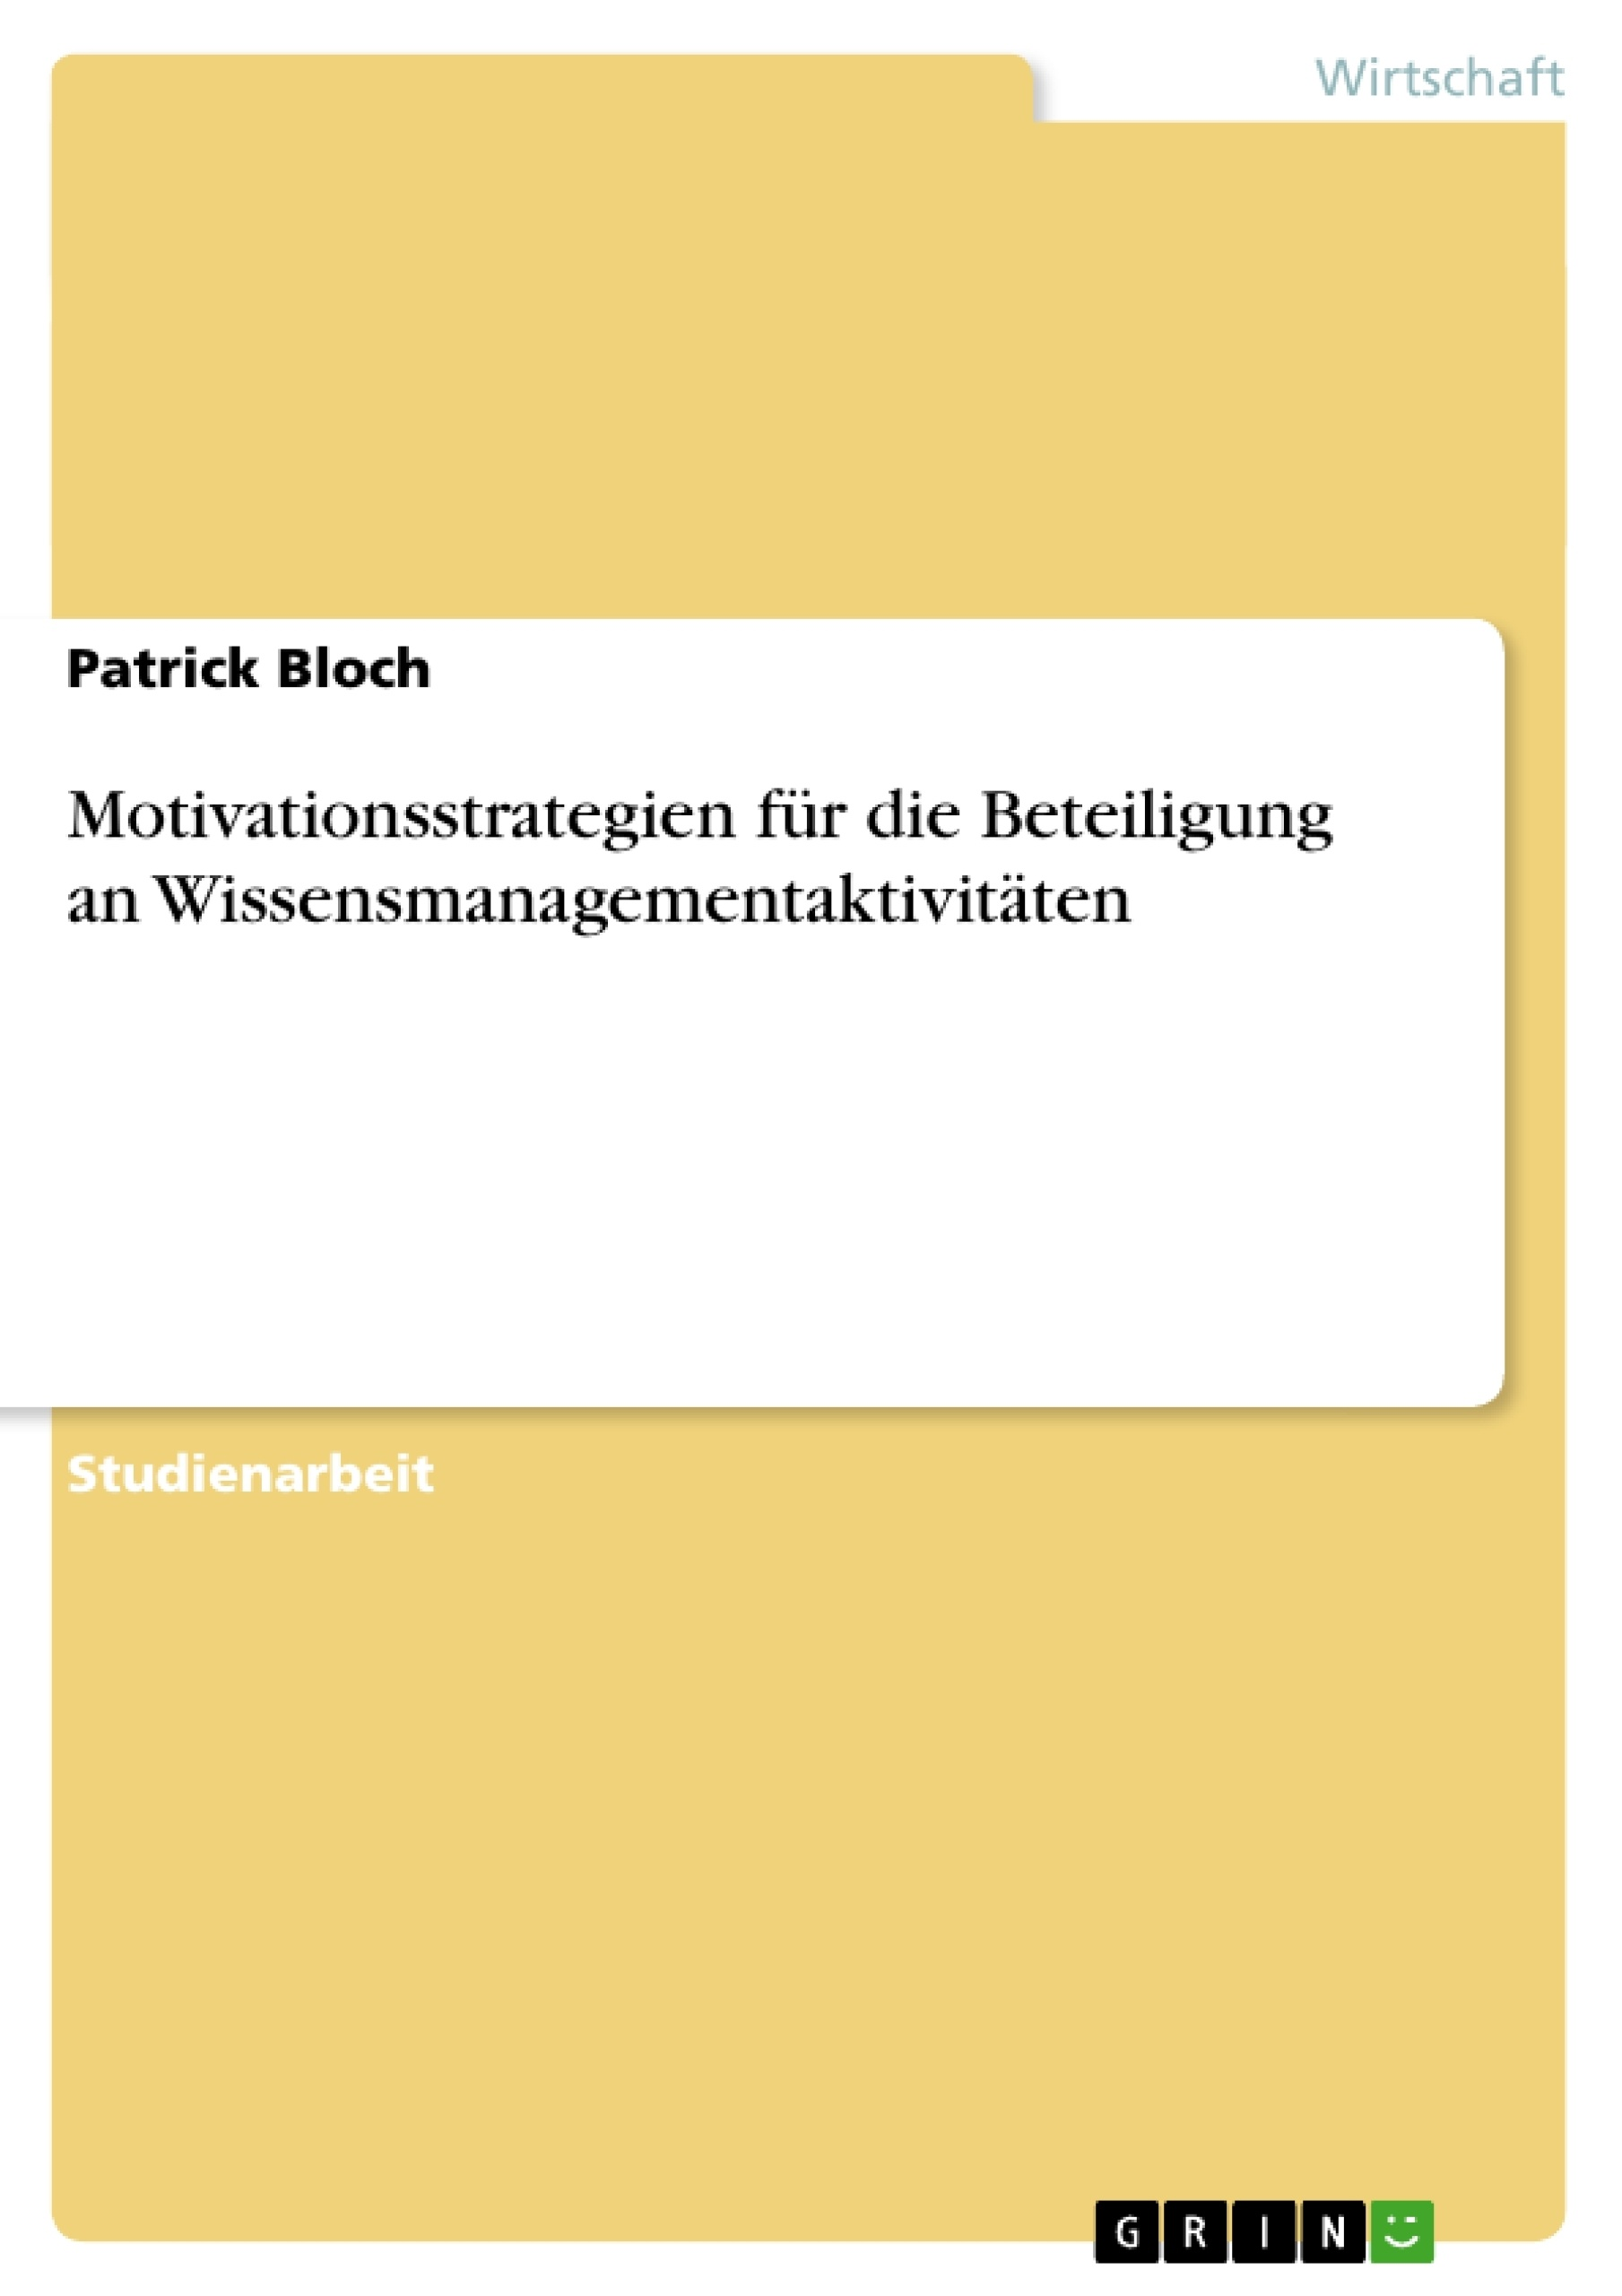 Titel: Motivationsstrategien für die Beteiligung an Wissensmanagementaktivitäten